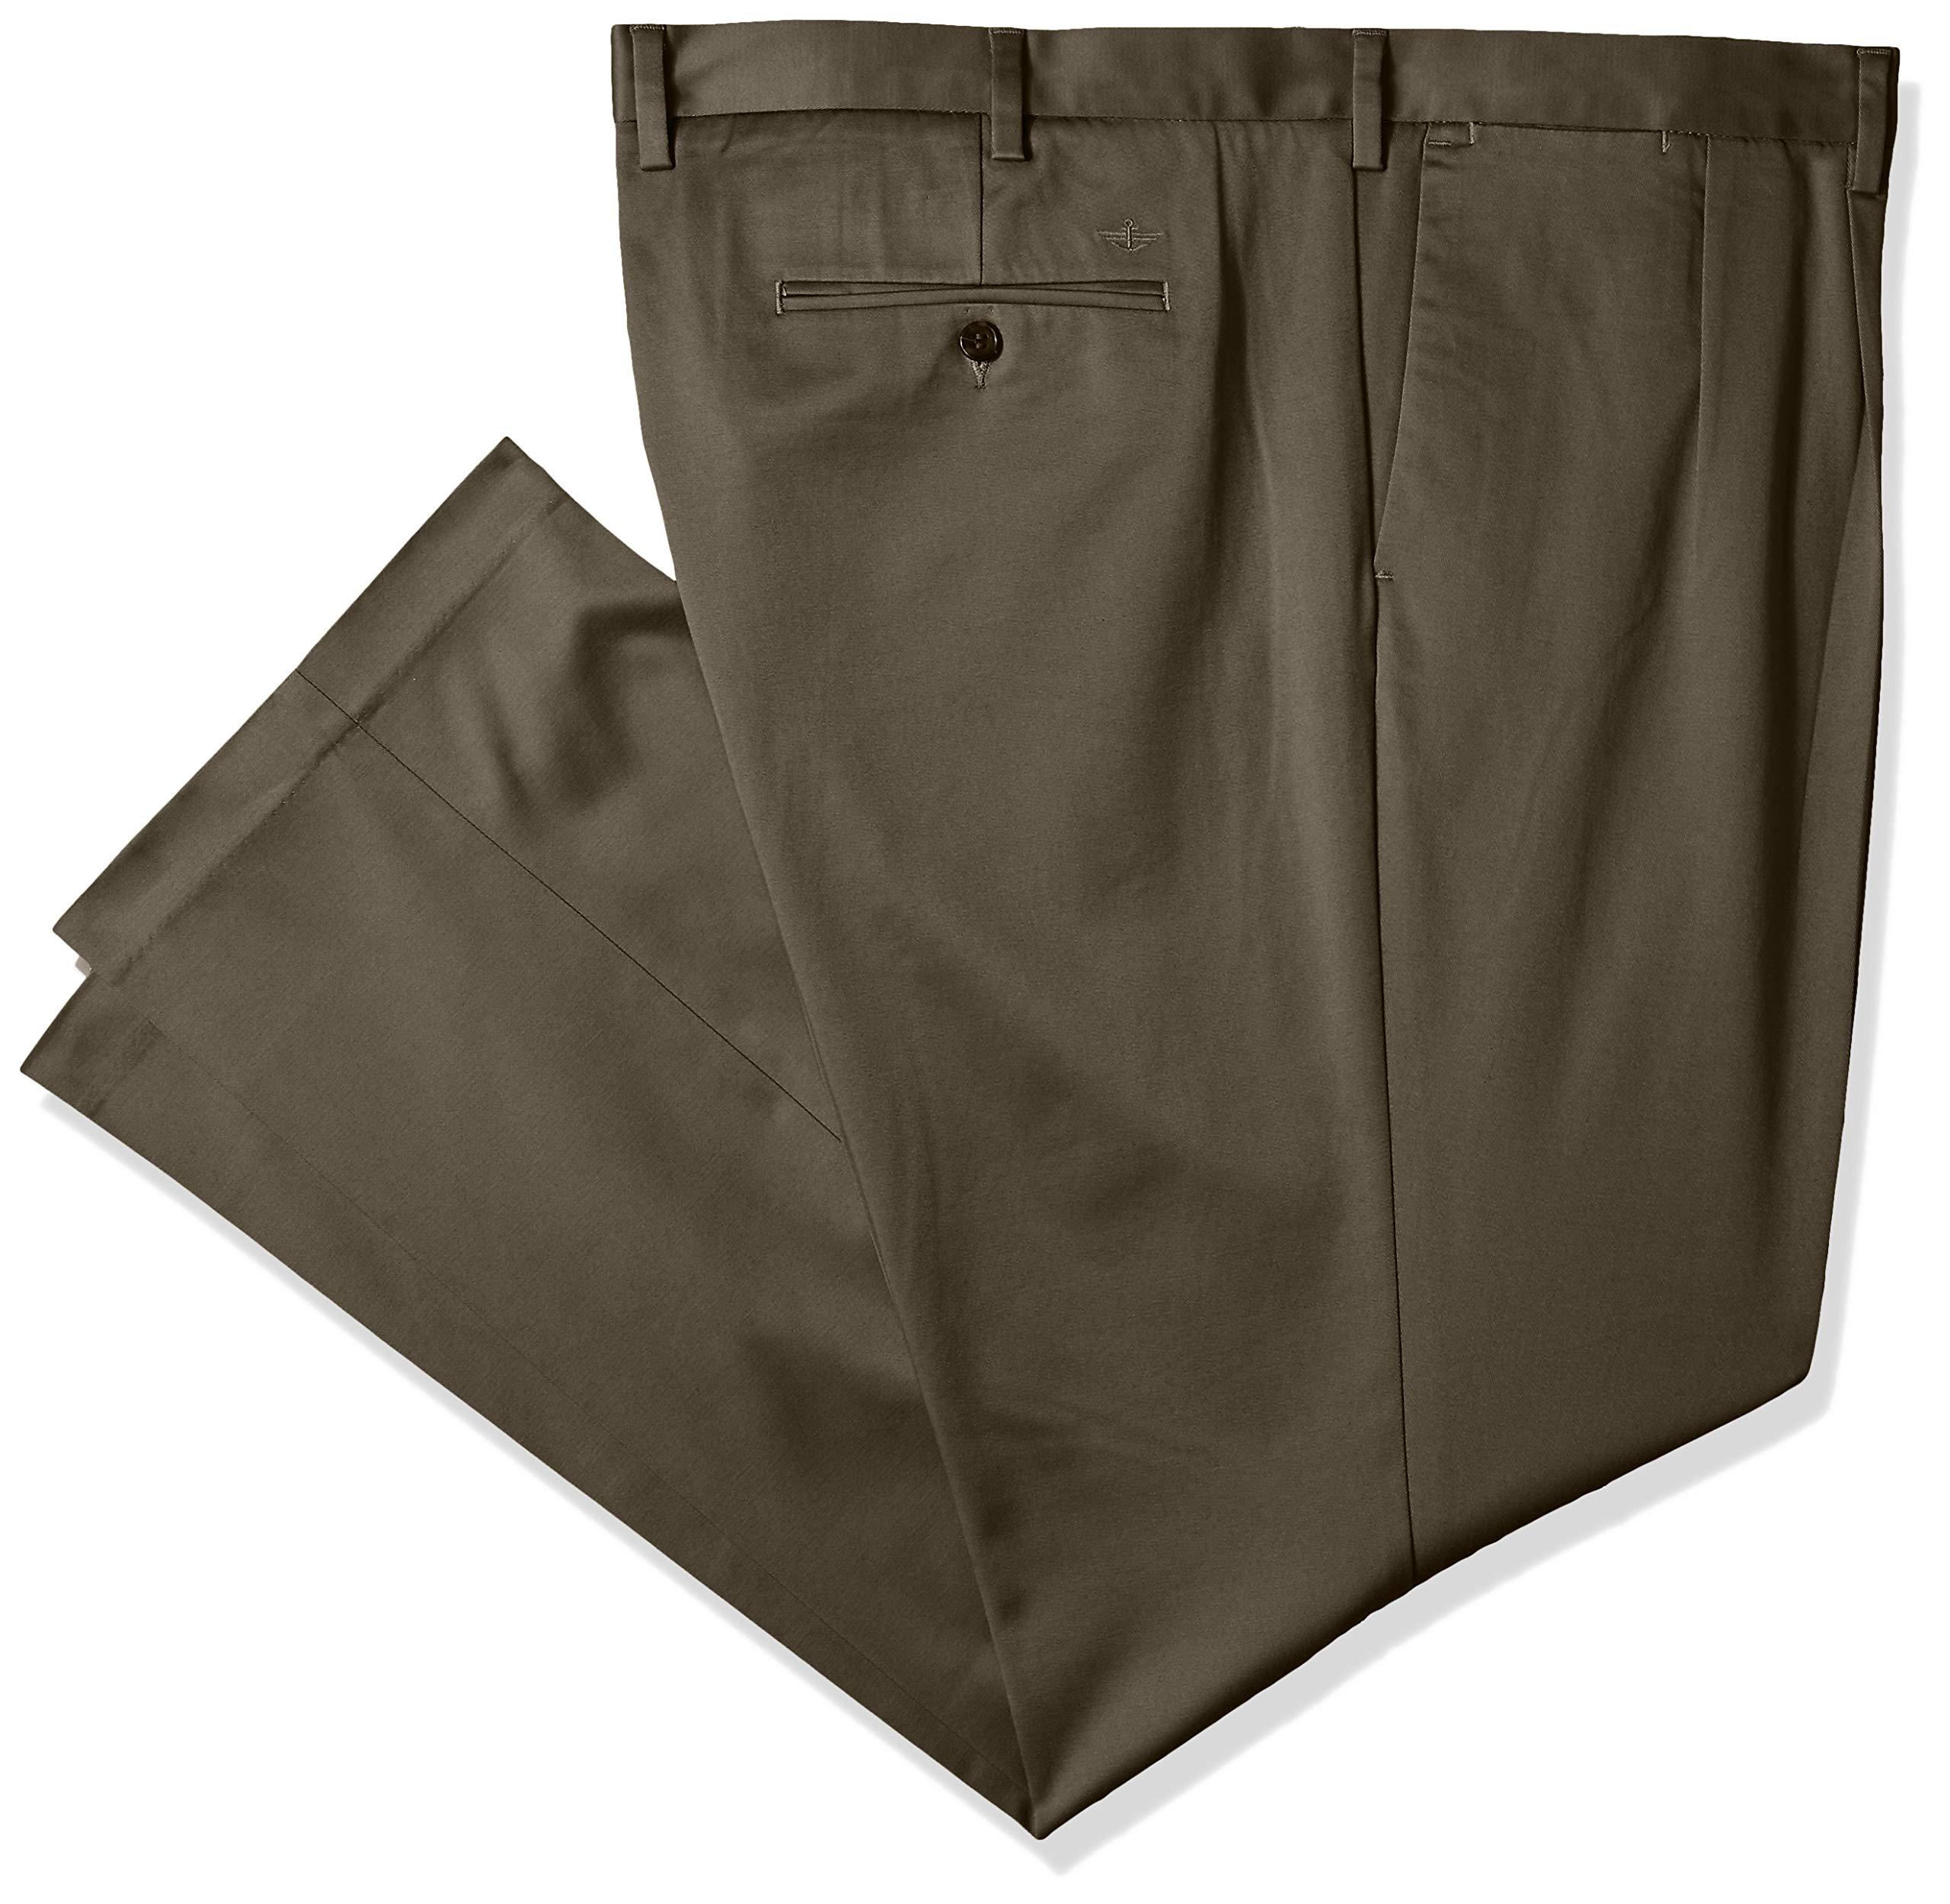 Dockers Men's Big and Tall Big & Tall Superior Trouser D3-Pleated, Dark Pebble, 50W x 30L